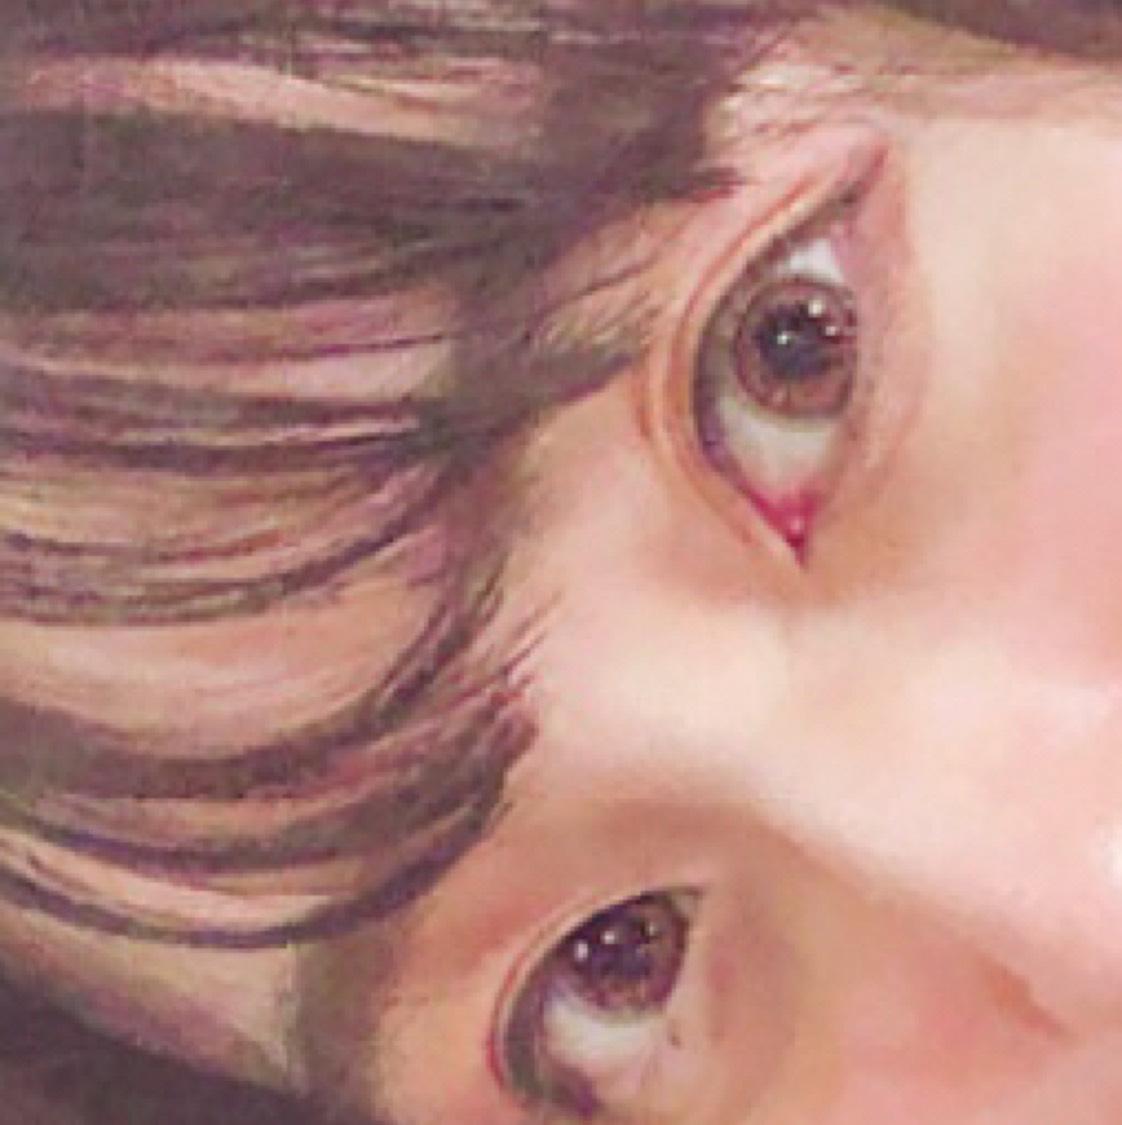 顔が童顔なので、大人っぽくしたいときはしっかり目頭切開ラインを毛先が細いアイライナーで書いて、涙袋は狭めに書きます。涙袋の幅とっても重要な気がします♡